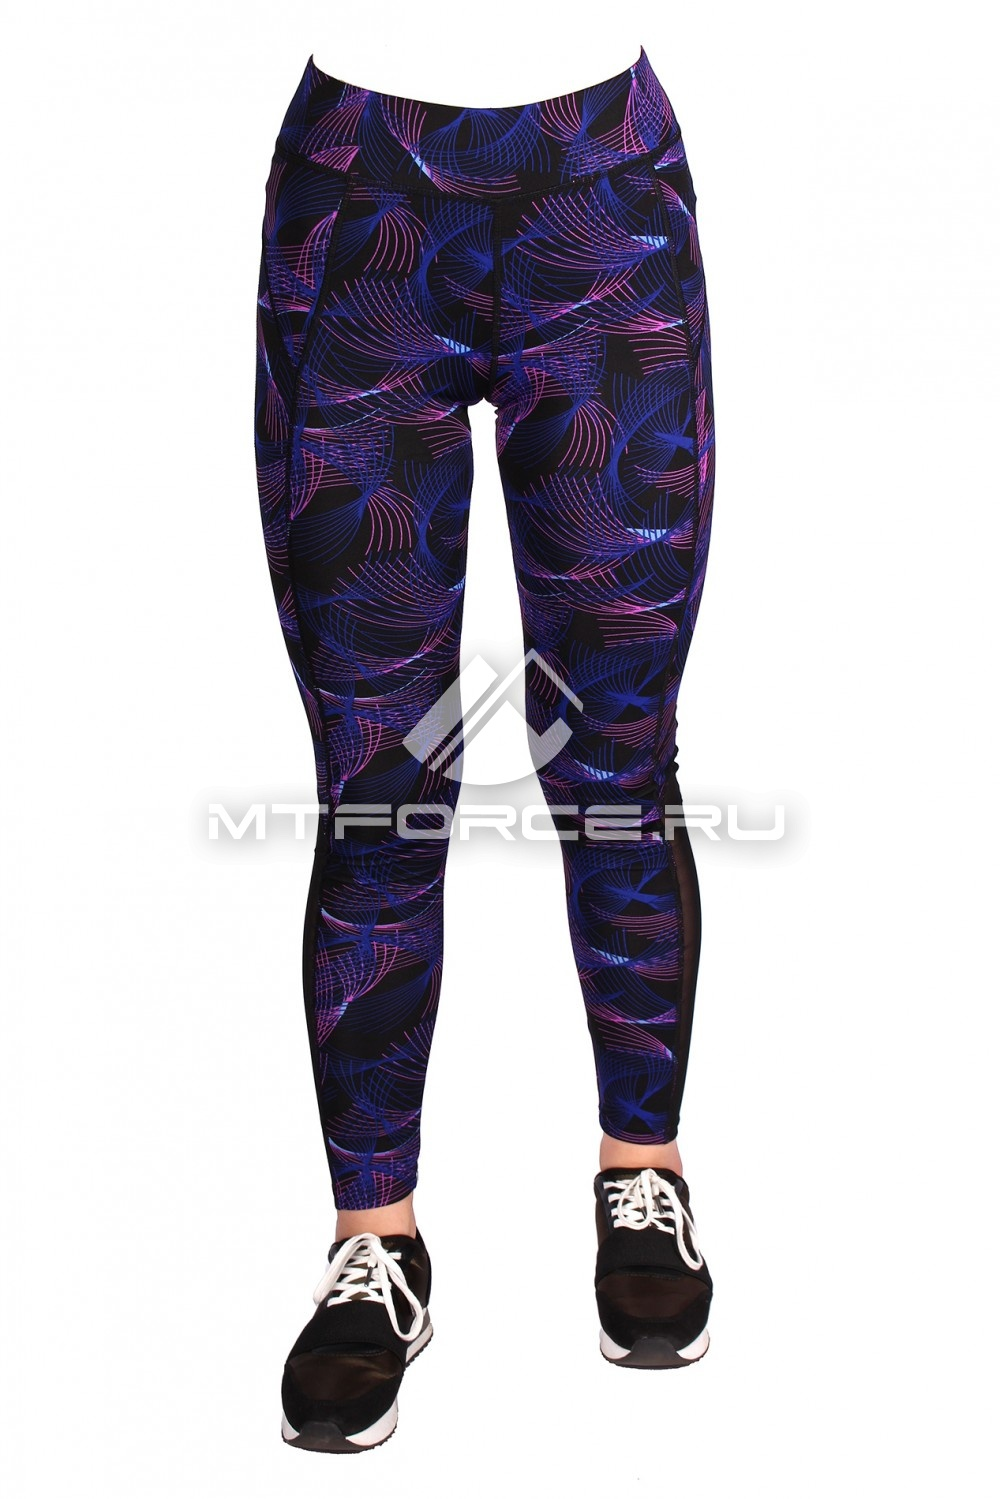 Купить  оптом Брюки легинсы женские фиолетового цвета M-28F